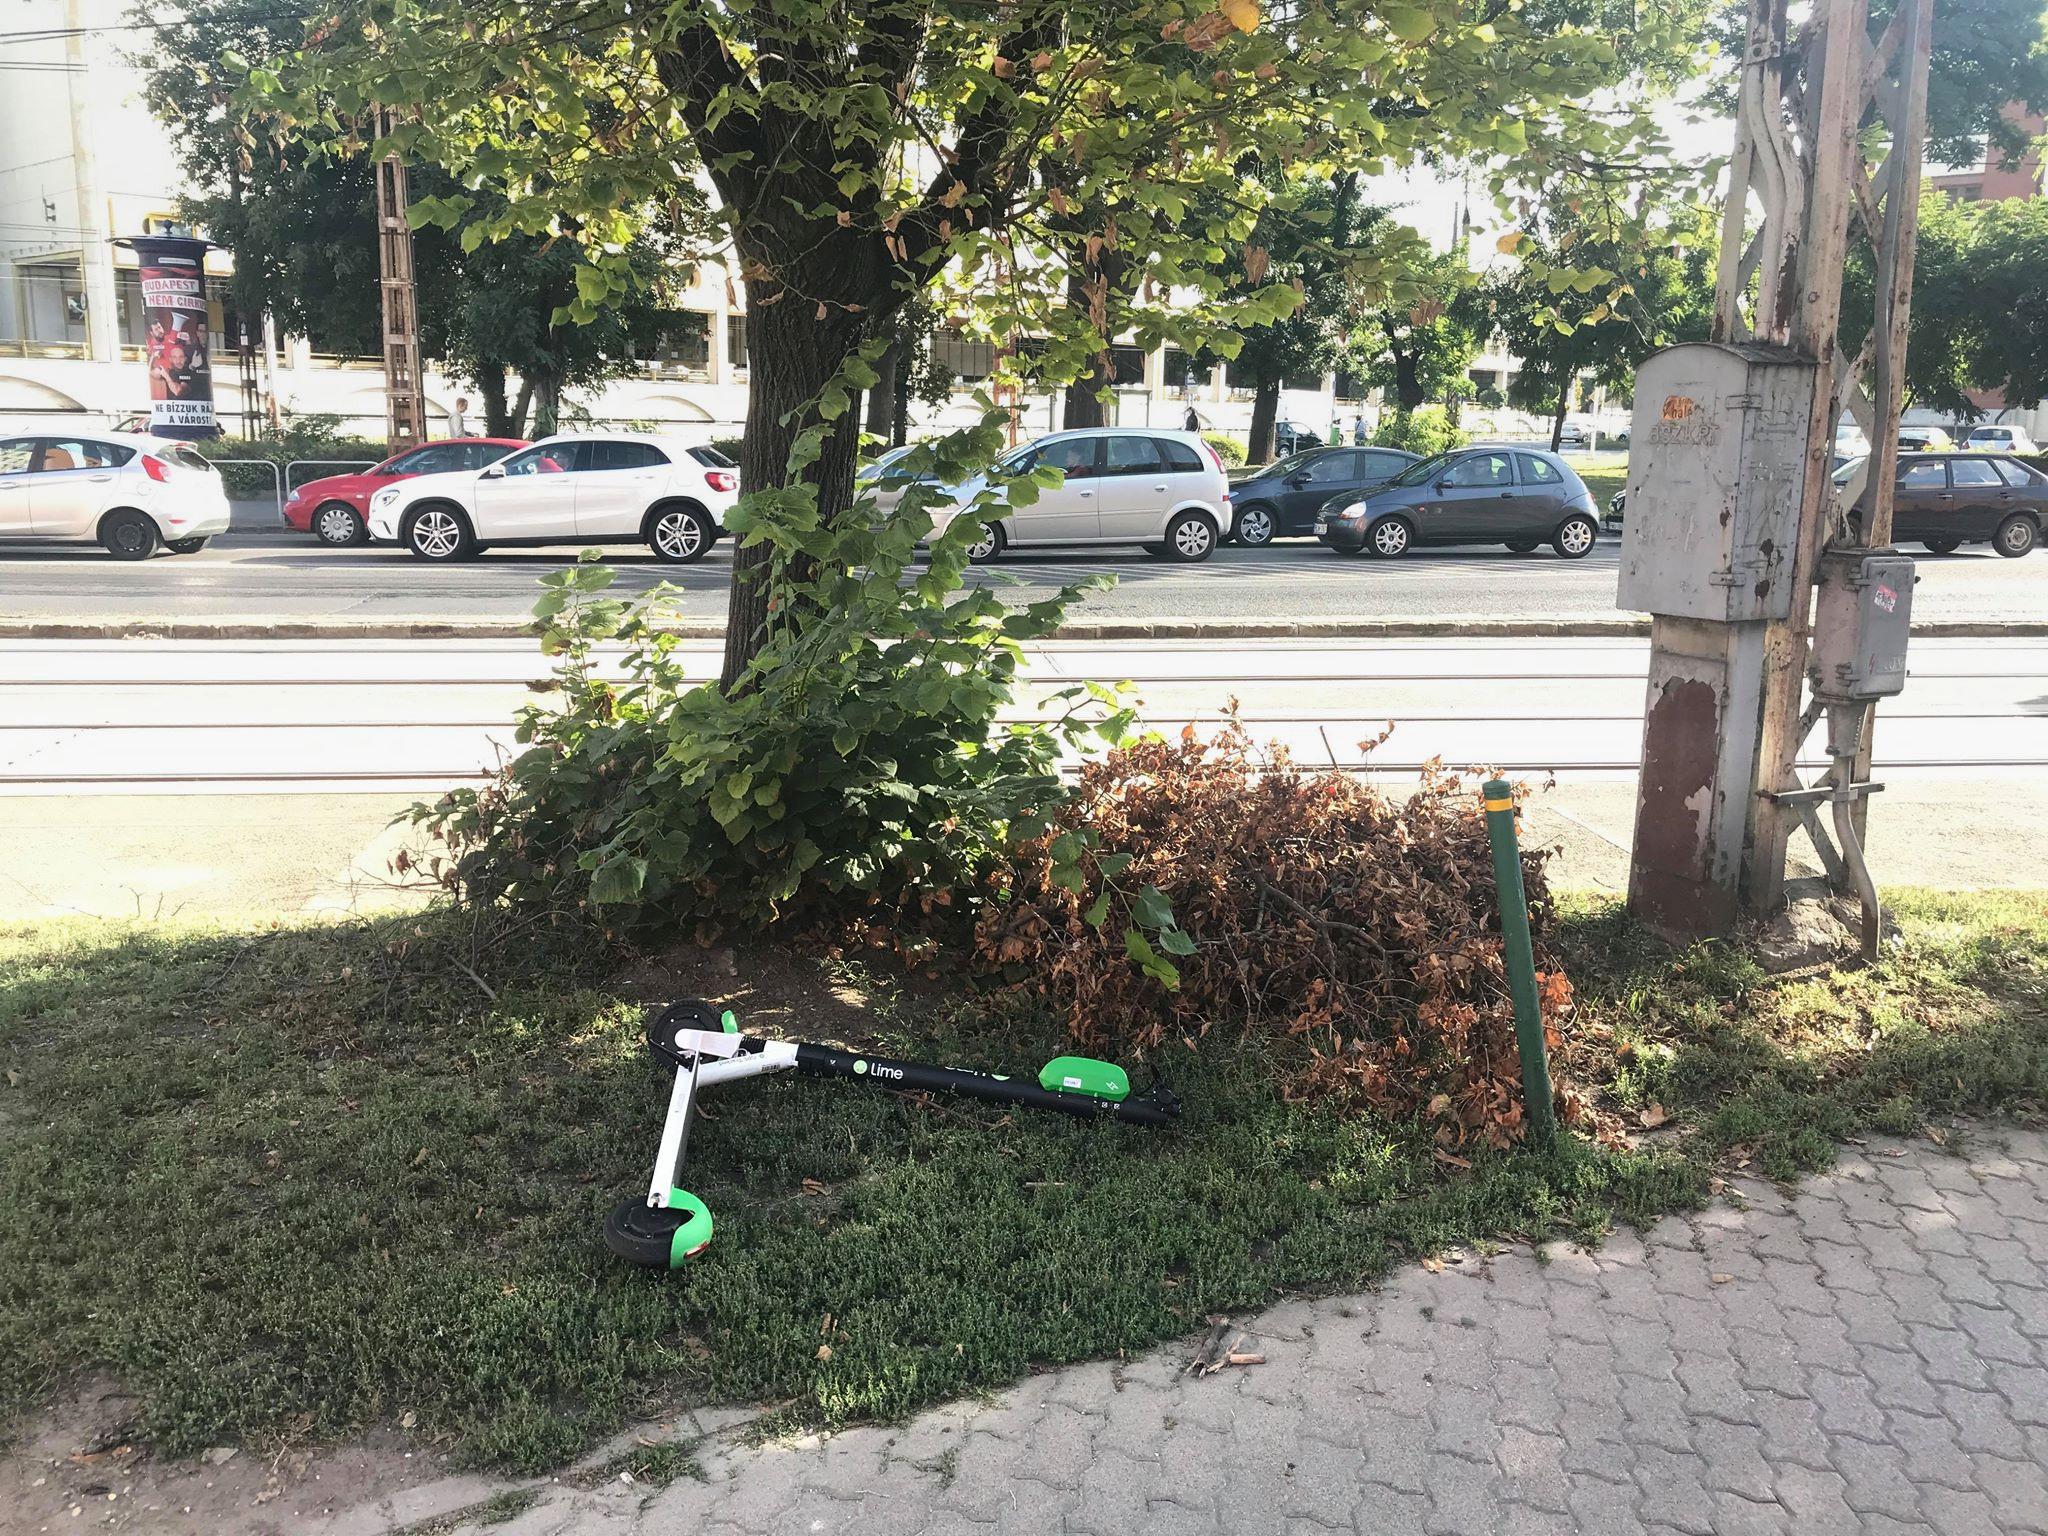 Erzsébetváros talált tárgyként kezeli, begyűjti a járdán parkoló elektromos rollereket